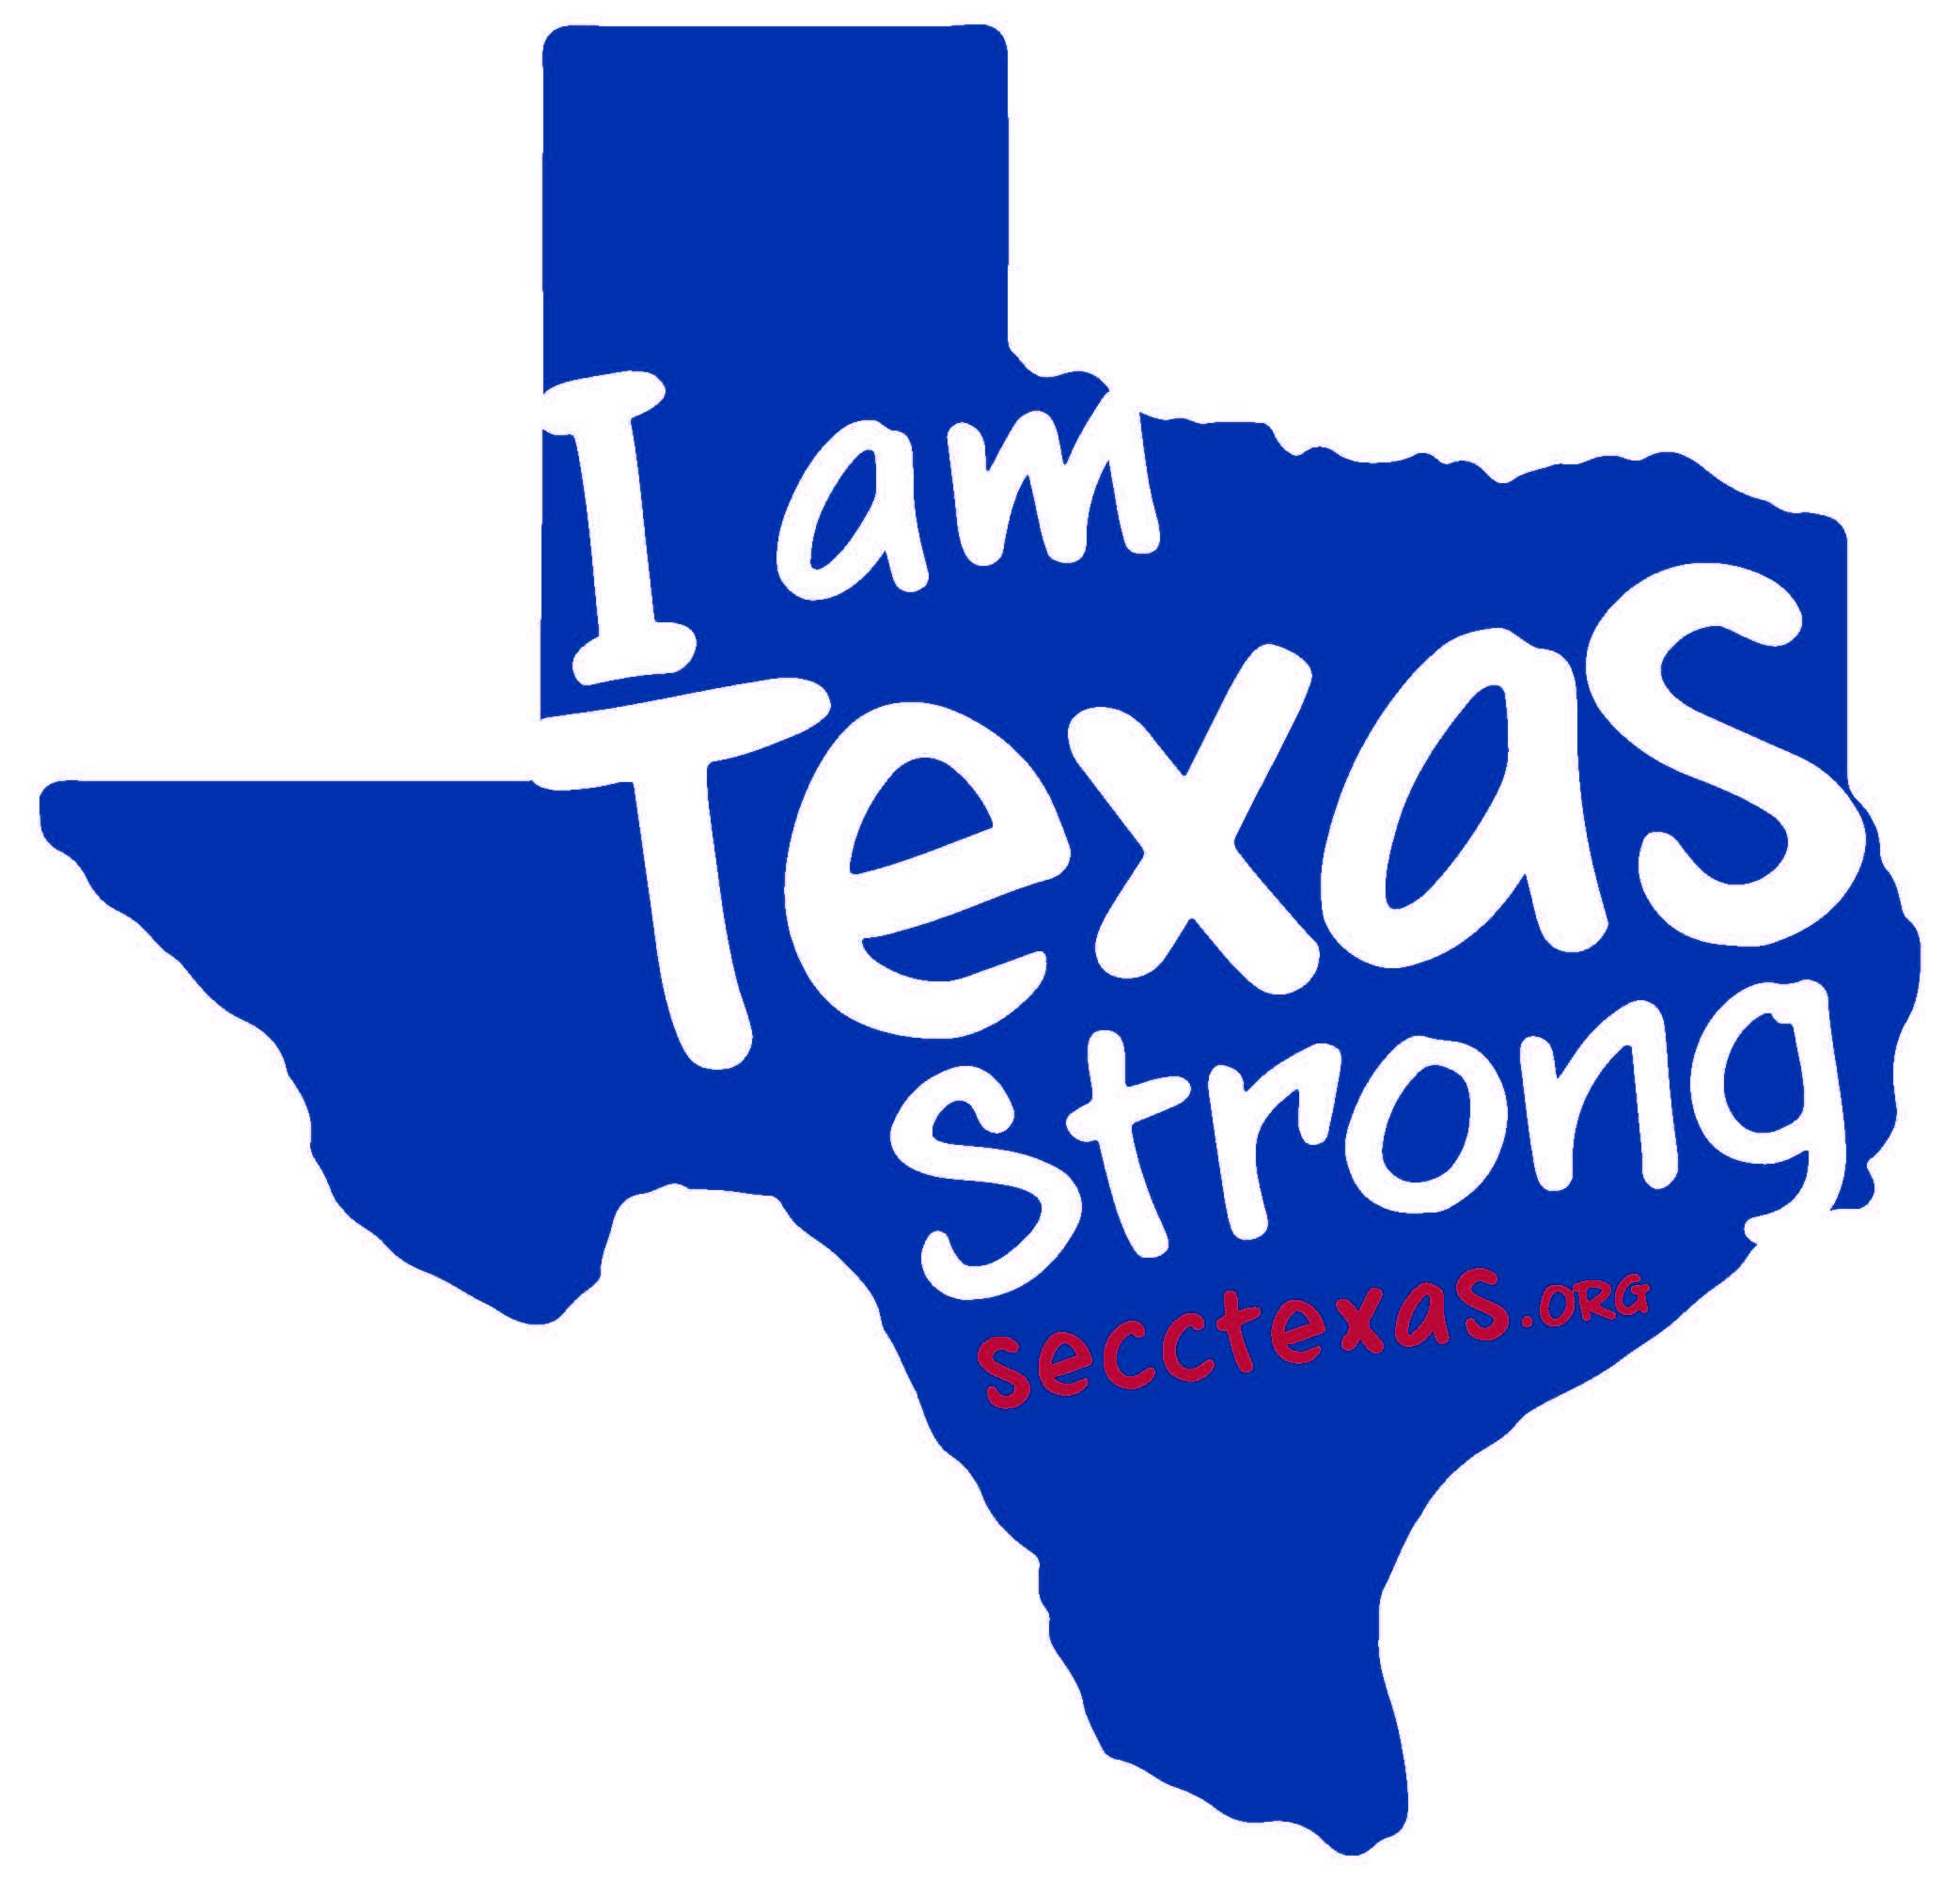 SECC Texas.jpg